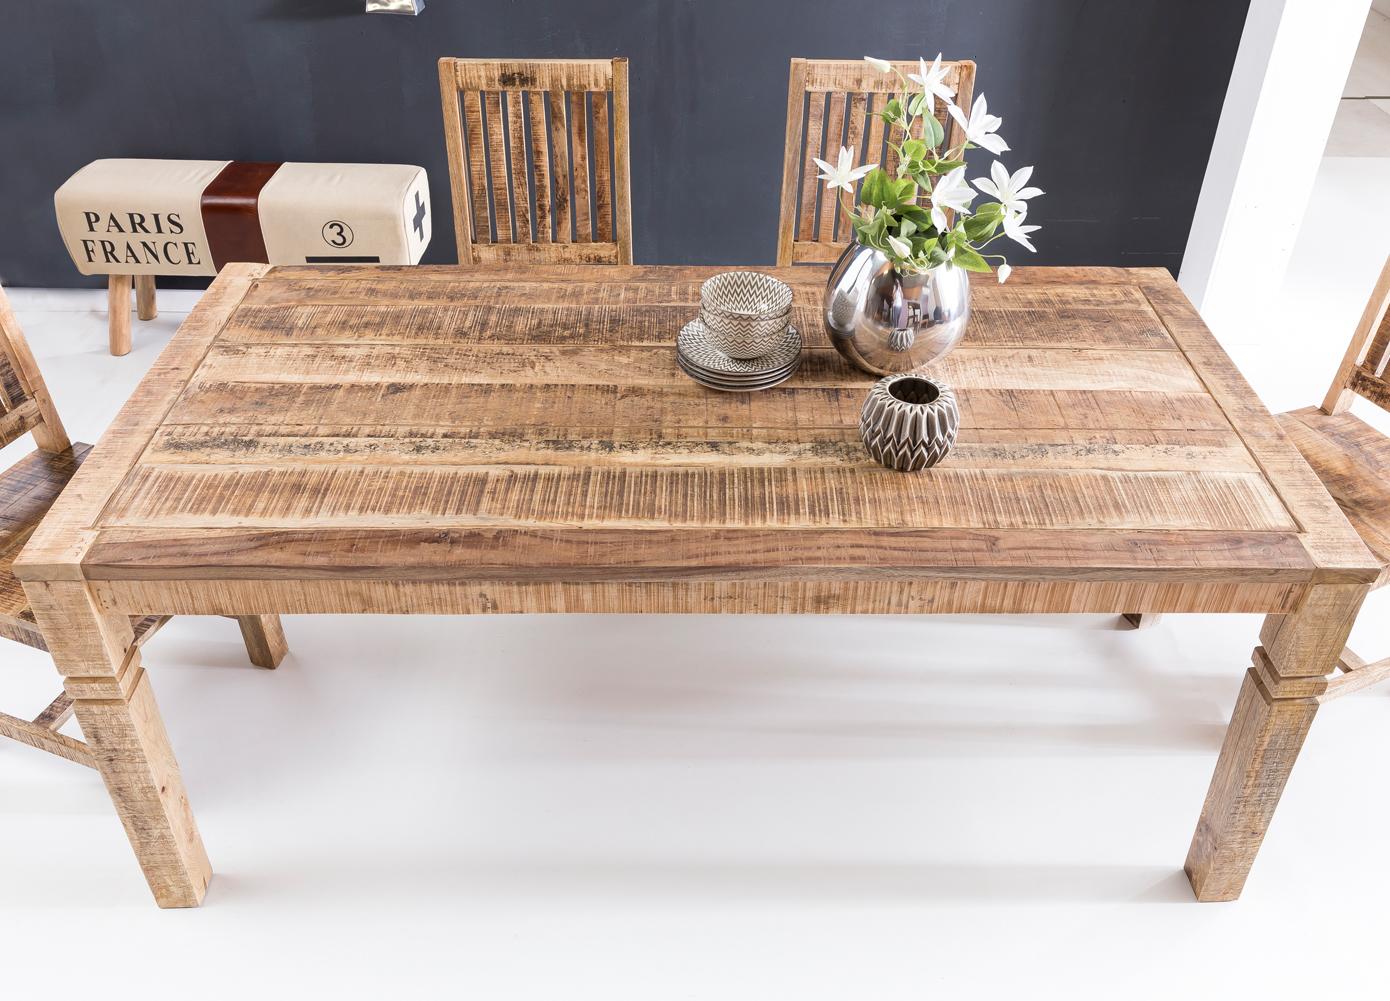 finebuy esstisch rusti 120 x 70cm esszimmertisch massiv holz tisch k chentisch ebay. Black Bedroom Furniture Sets. Home Design Ideas